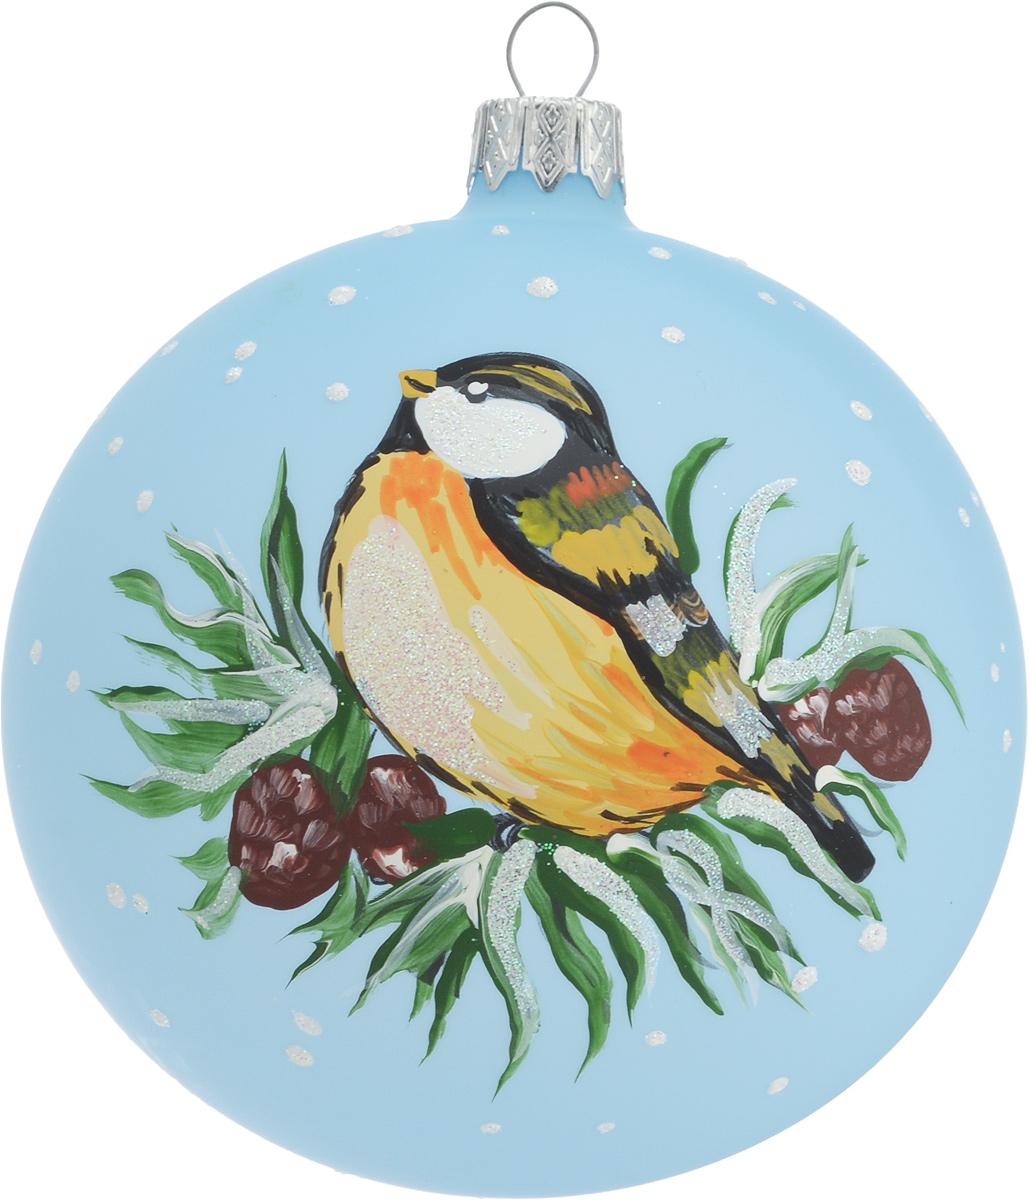 Украшение новогоднее подвесное Воробей, ручная работа, диаметр 10 смH-100-N-Серия Птицы- воробей